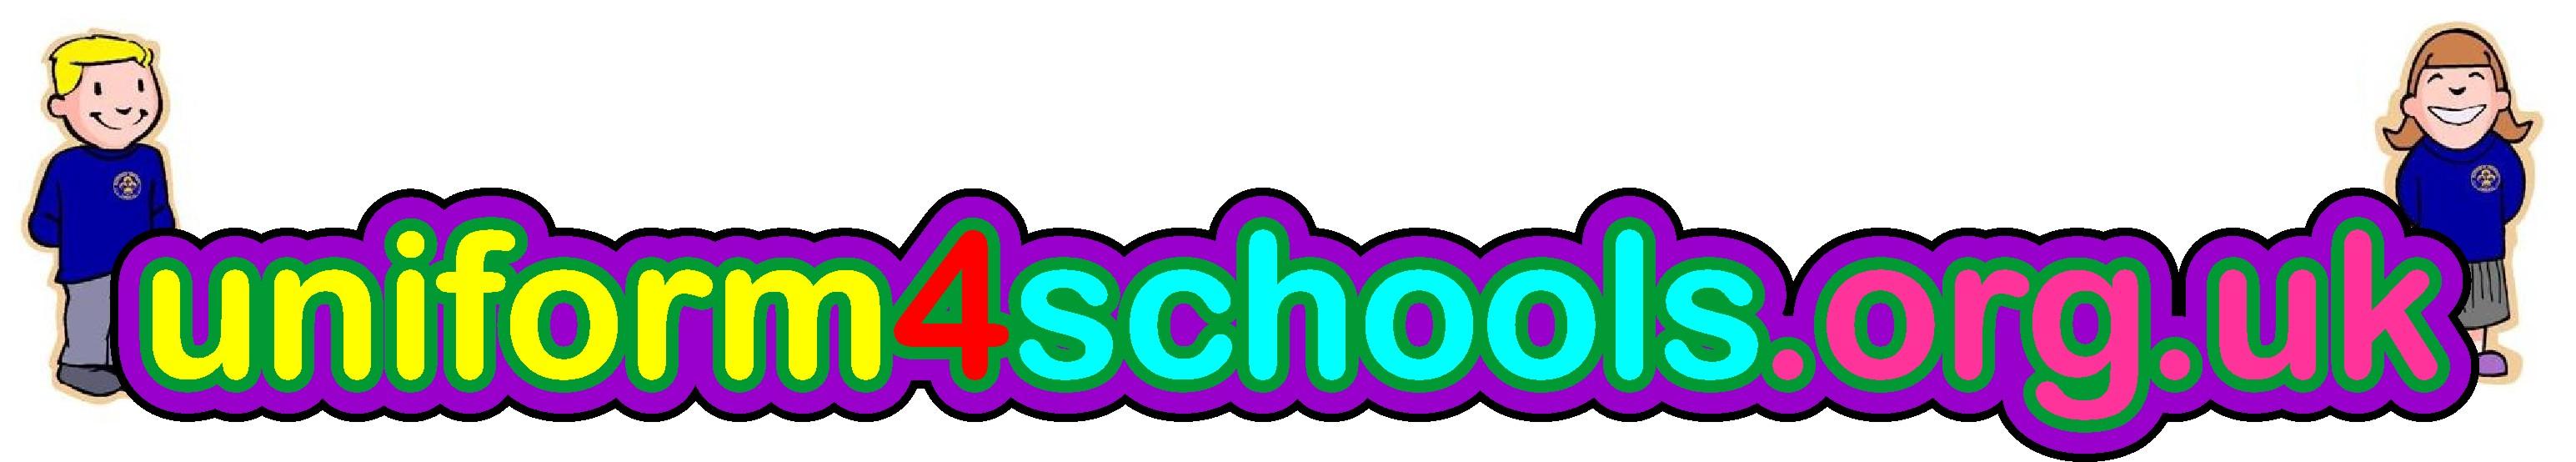 Uniforms 4 Schools